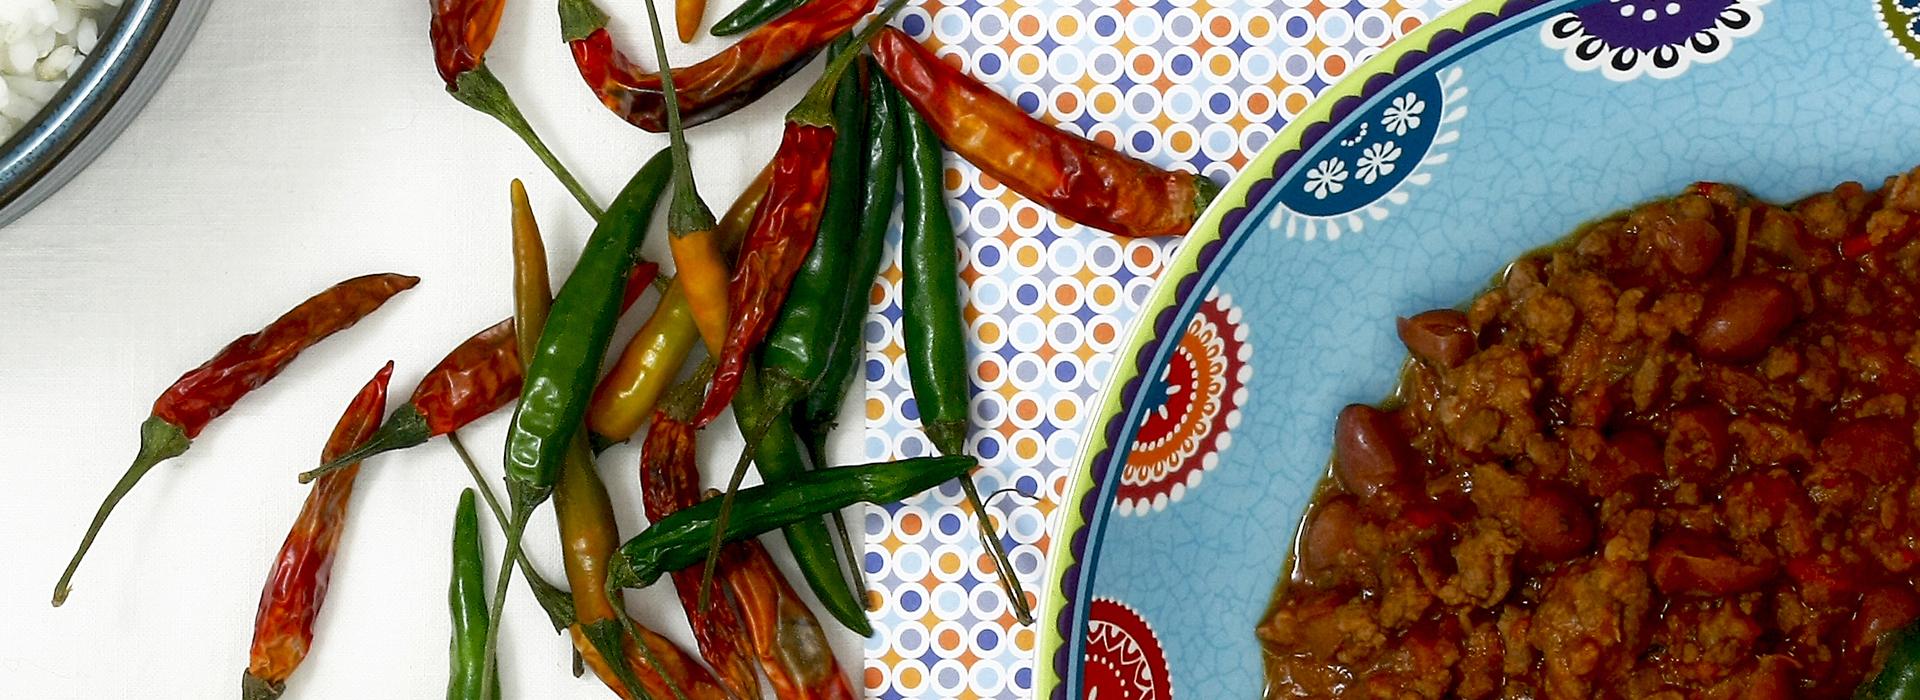 Iniciación a la cocina con Slow Cooker (Quinta Edición)